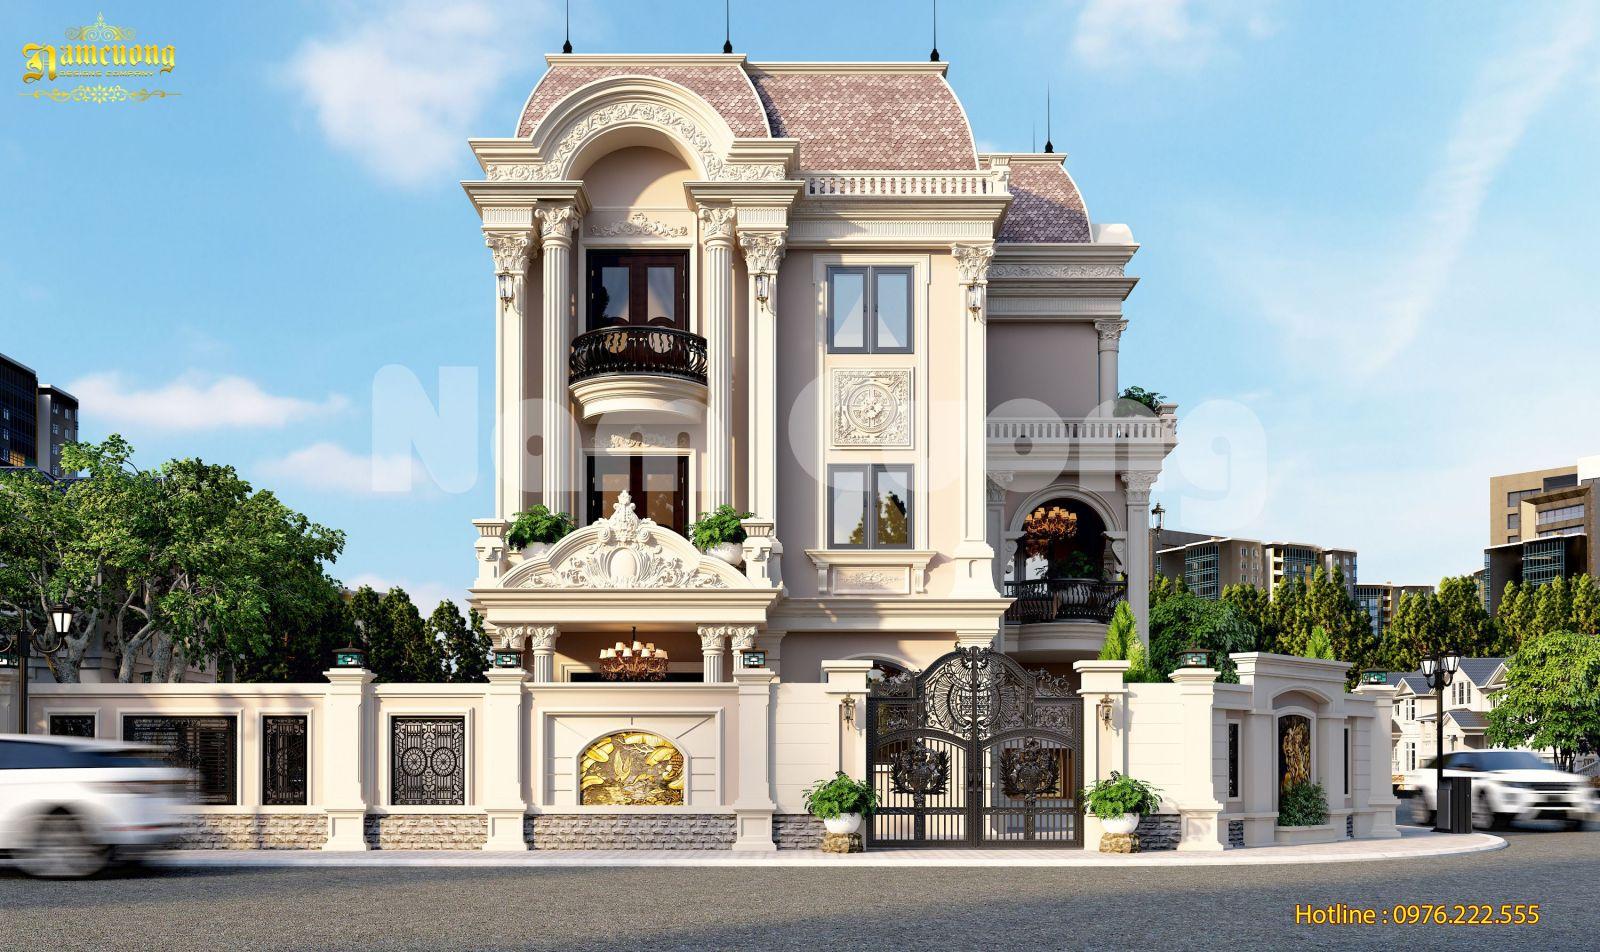 Thiết kế biệt thự Pháp 3 tầng 1 tum ấn tượng